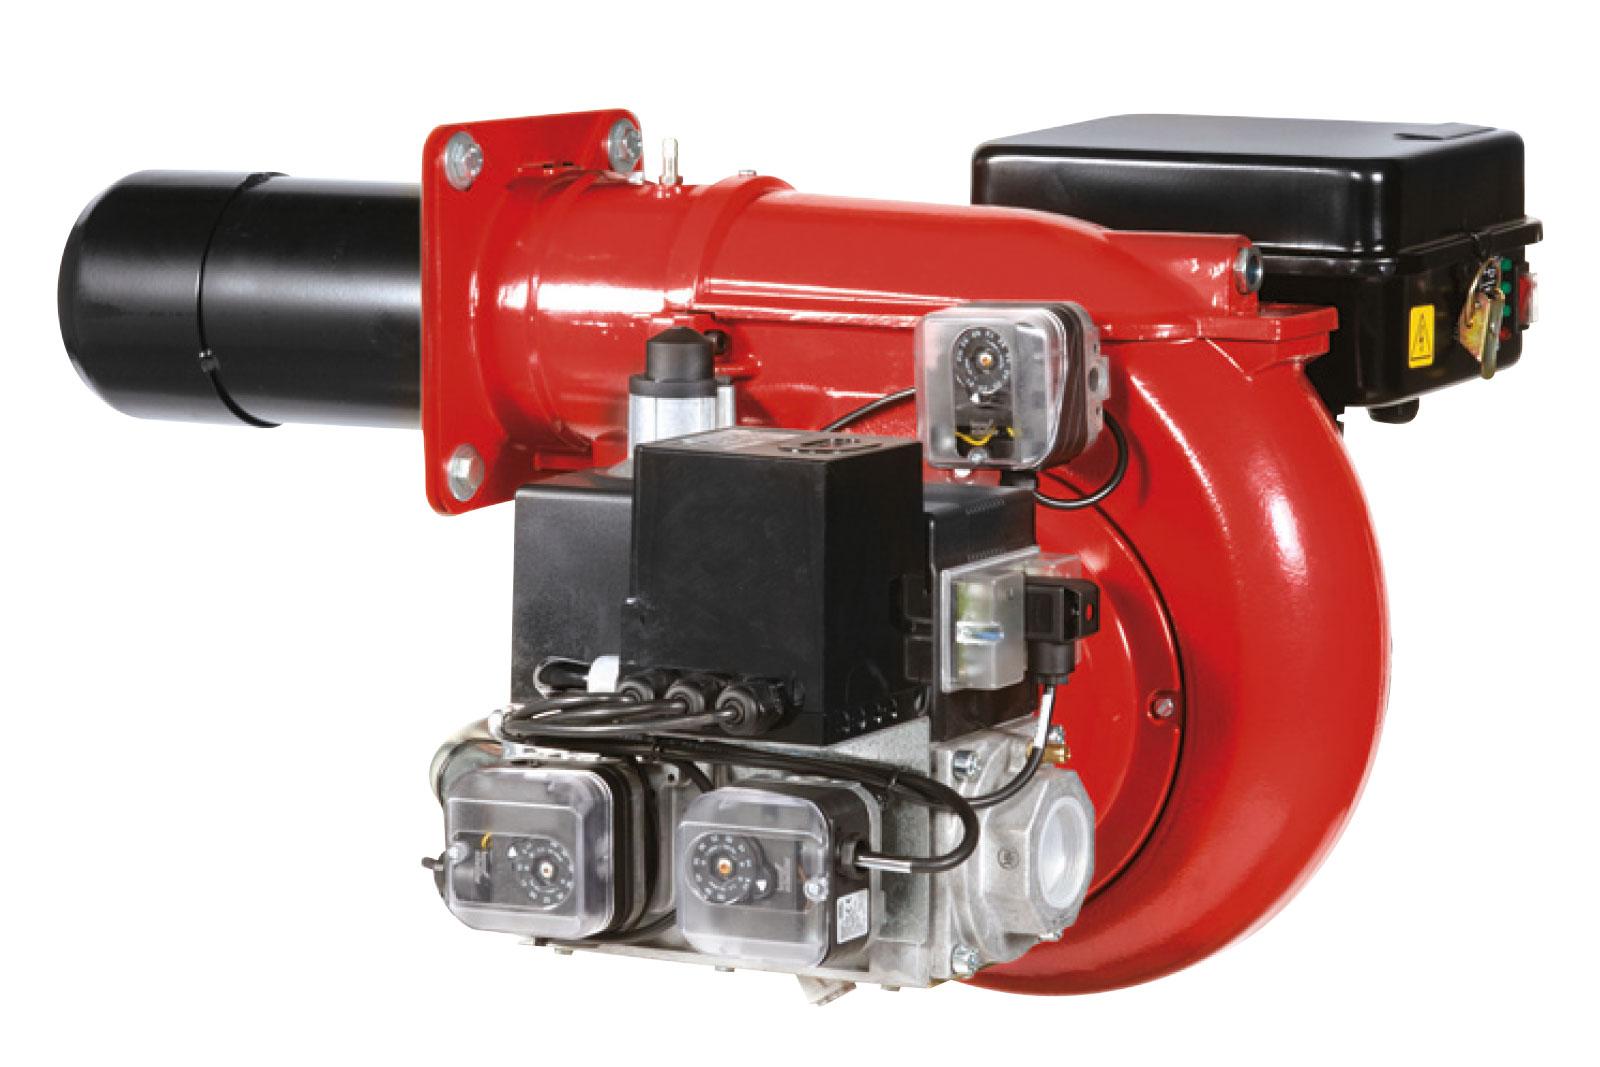 quemador-cremax-gas-1-llama-232kw-a-522kw-flamax-eficiencia-energetica-ppal